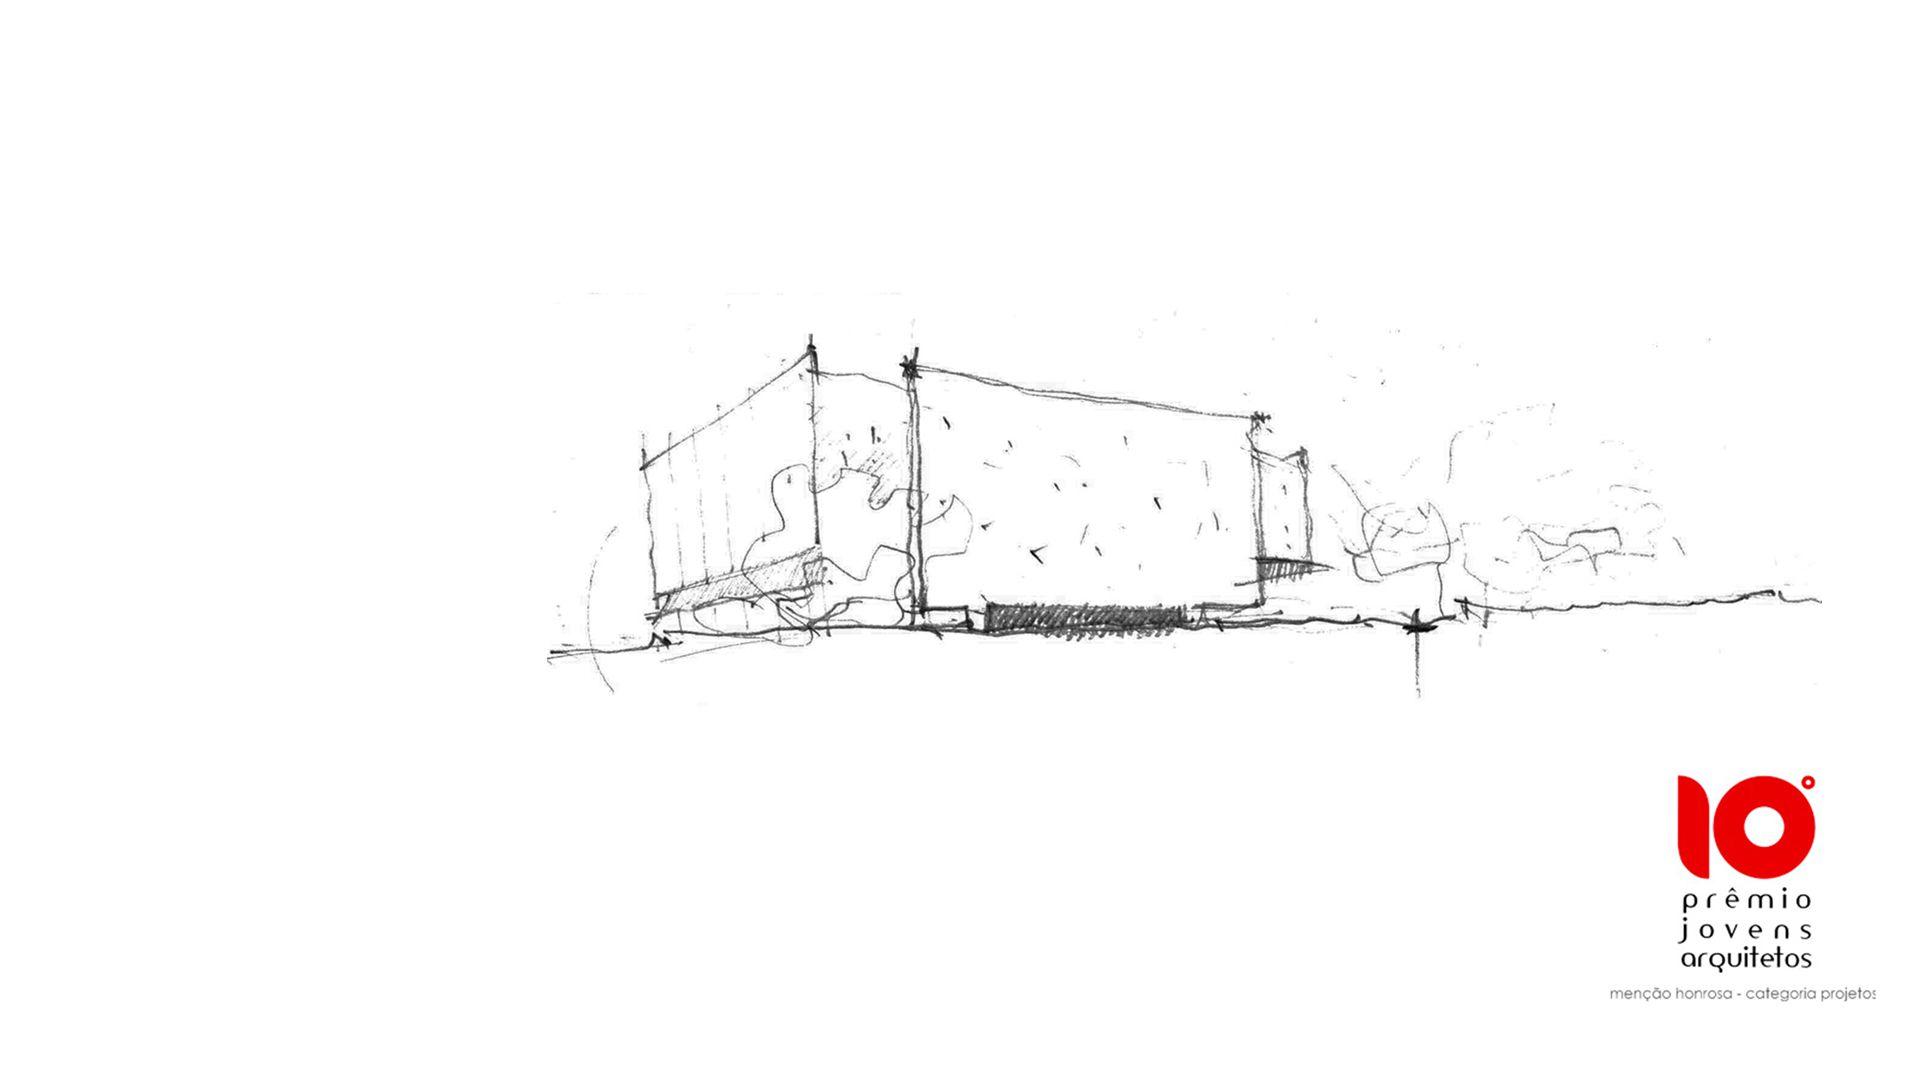 cantareira-croqui-logo-premio-jovens-arquitetos